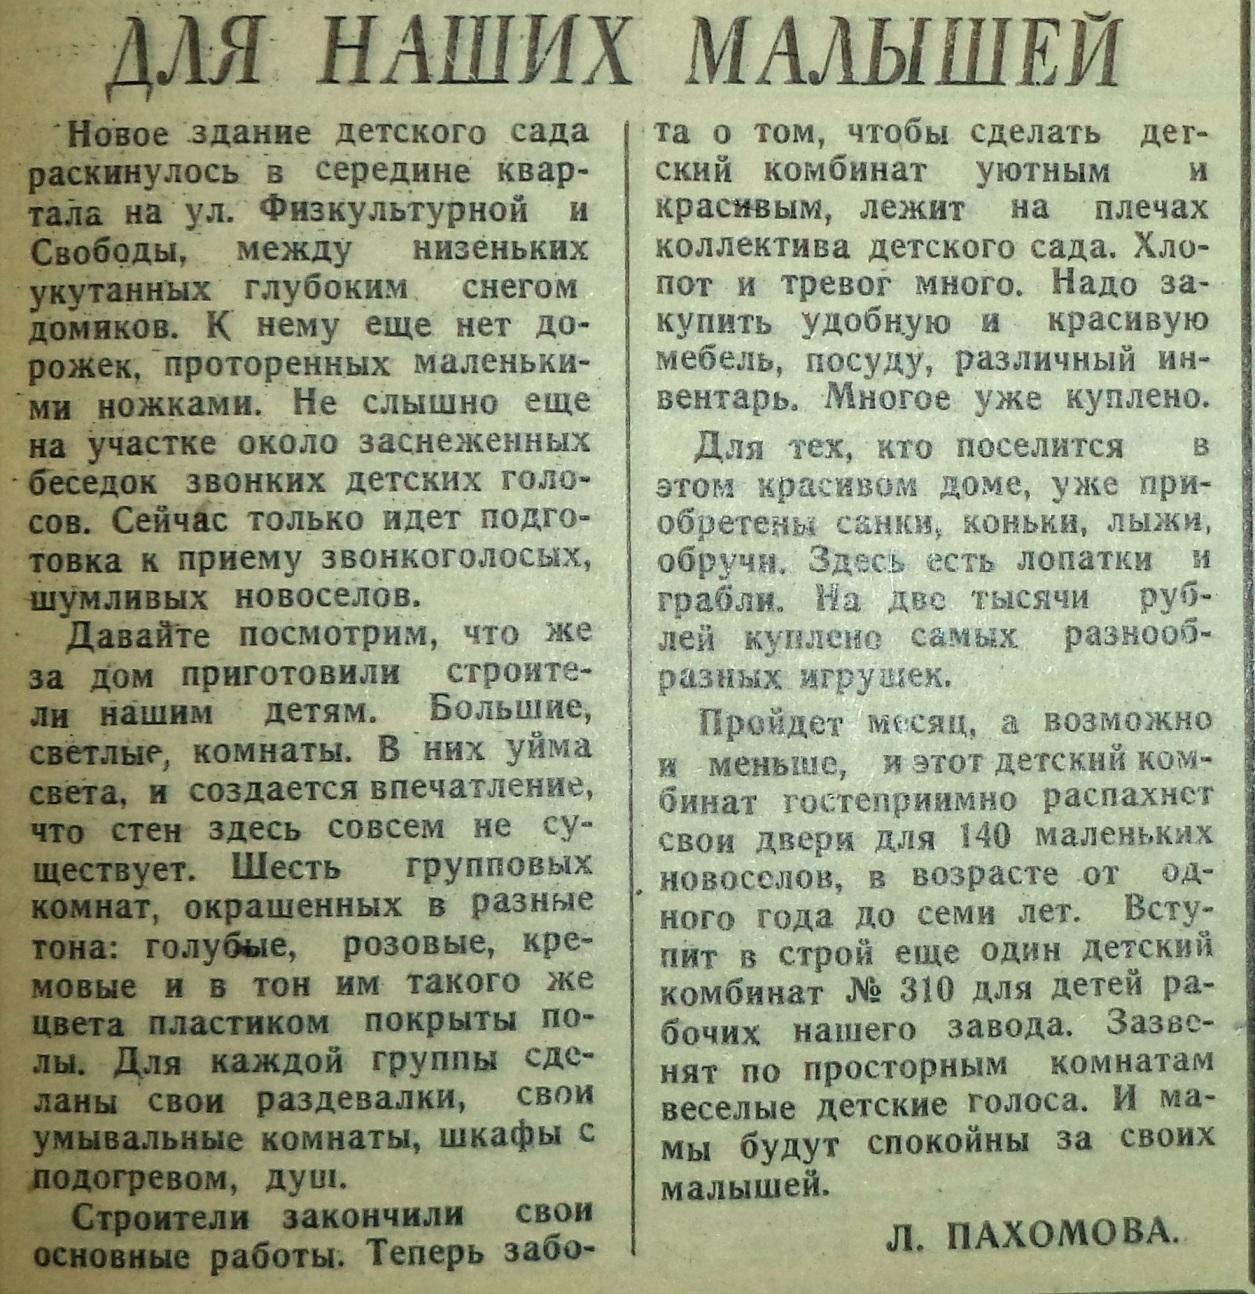 Прогонный-ФОТО-06-Ленинское Знамя-1966-18 февраля